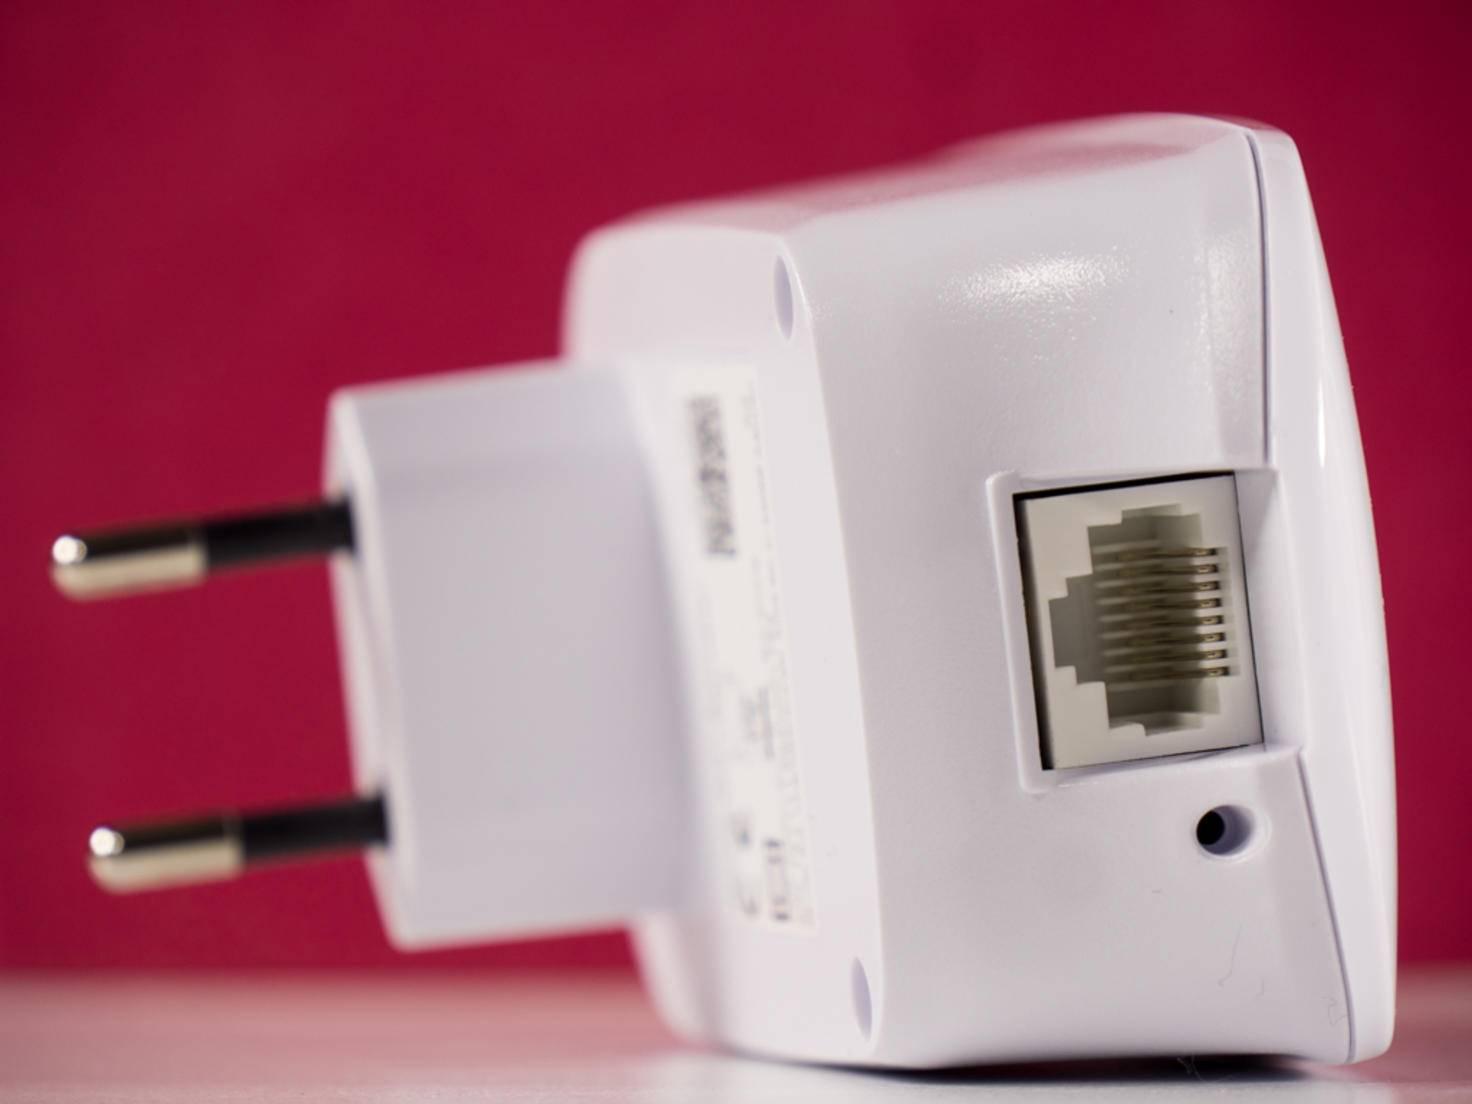 Eine Spielekonsole oder ein Fernseher können am LAN-Port angeschlossen werden.